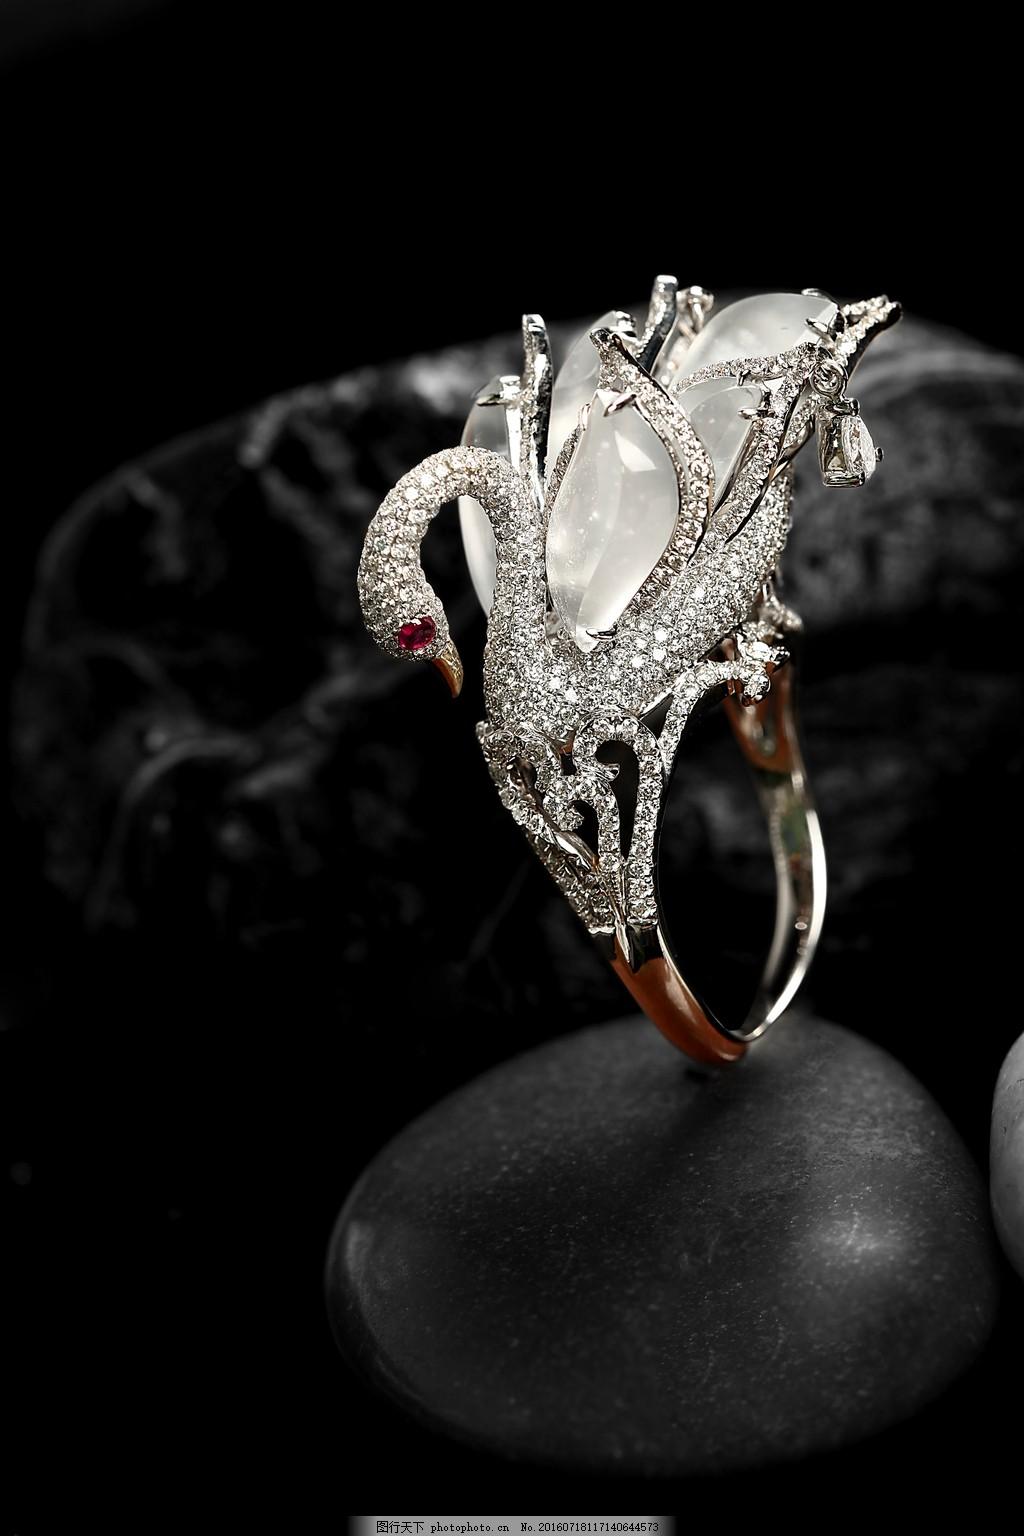 翡翠戒指镶嵌 镶嵌戒指图片 翡翠戒指 珠宝设计 翡翠 镶钻 18k金